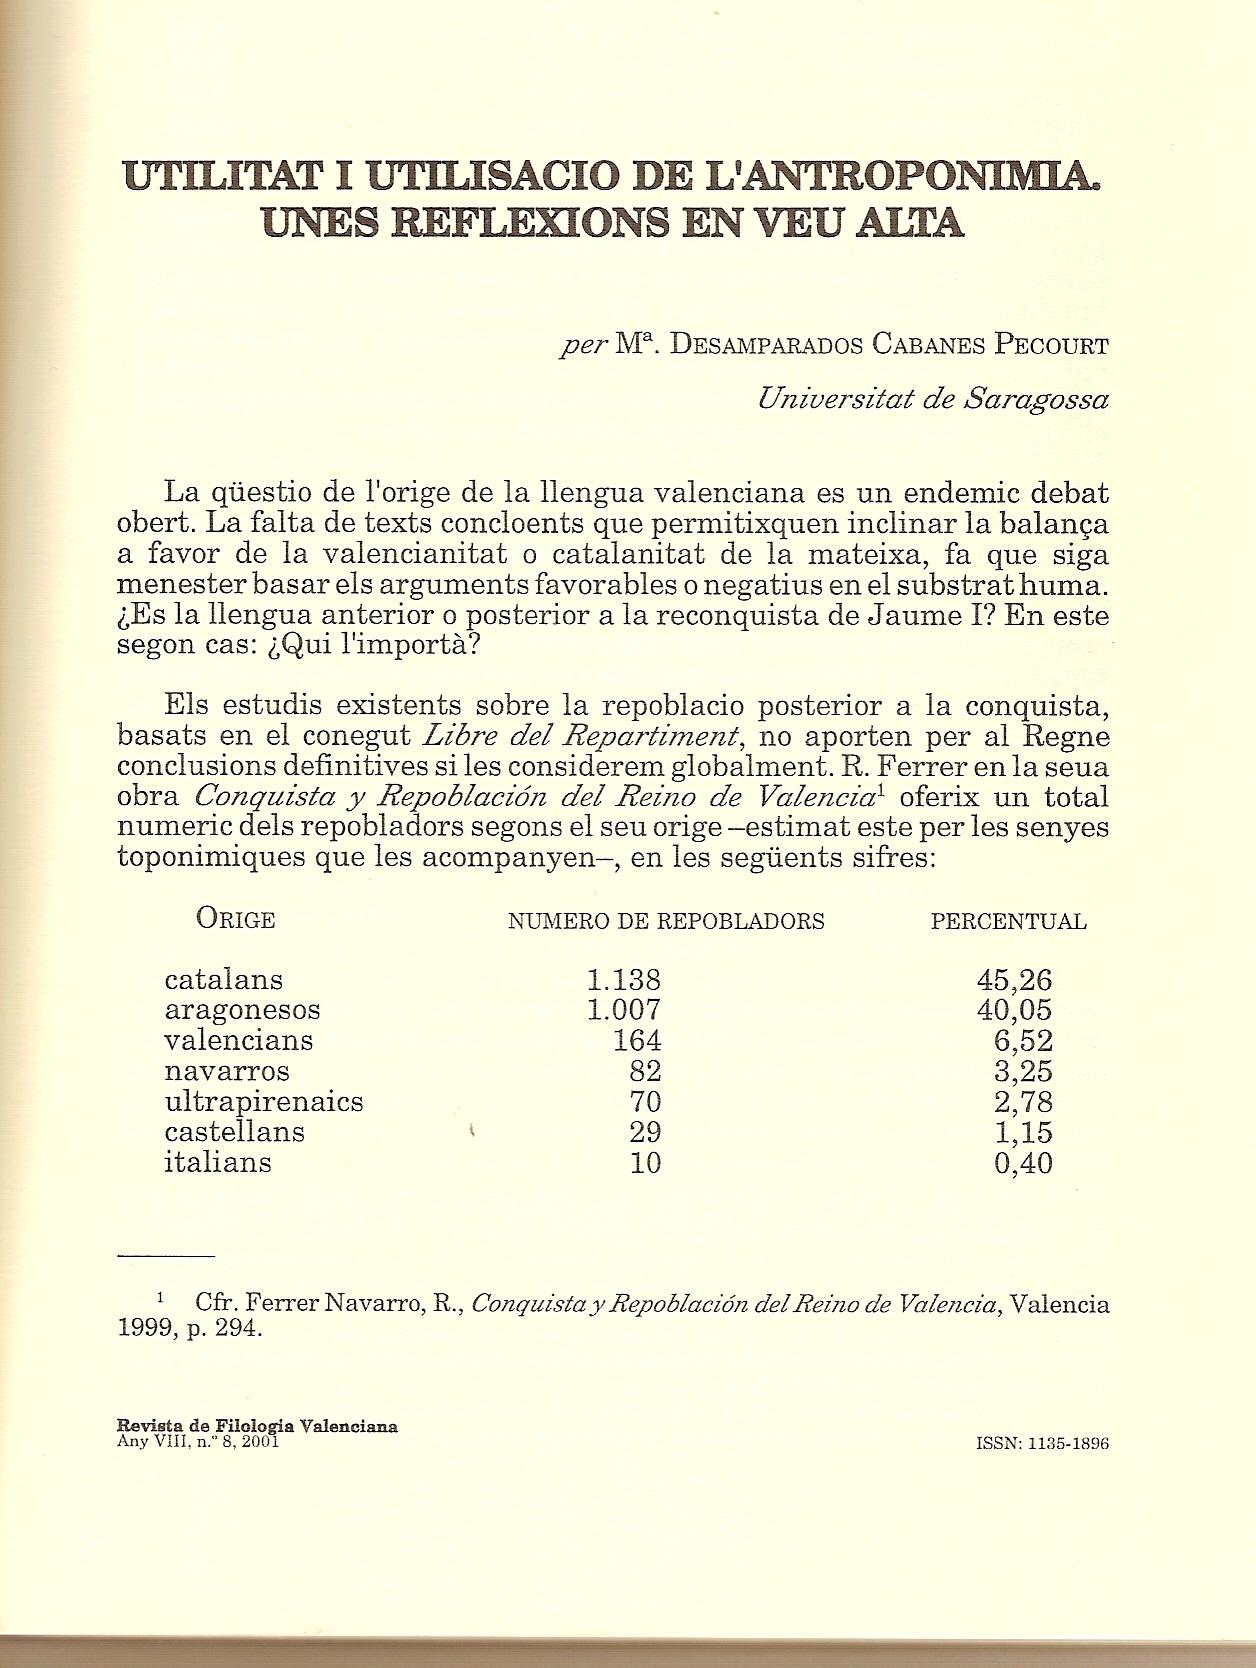 Estudio de Amparo cabanes, en la Revista de Filologia Valenciana